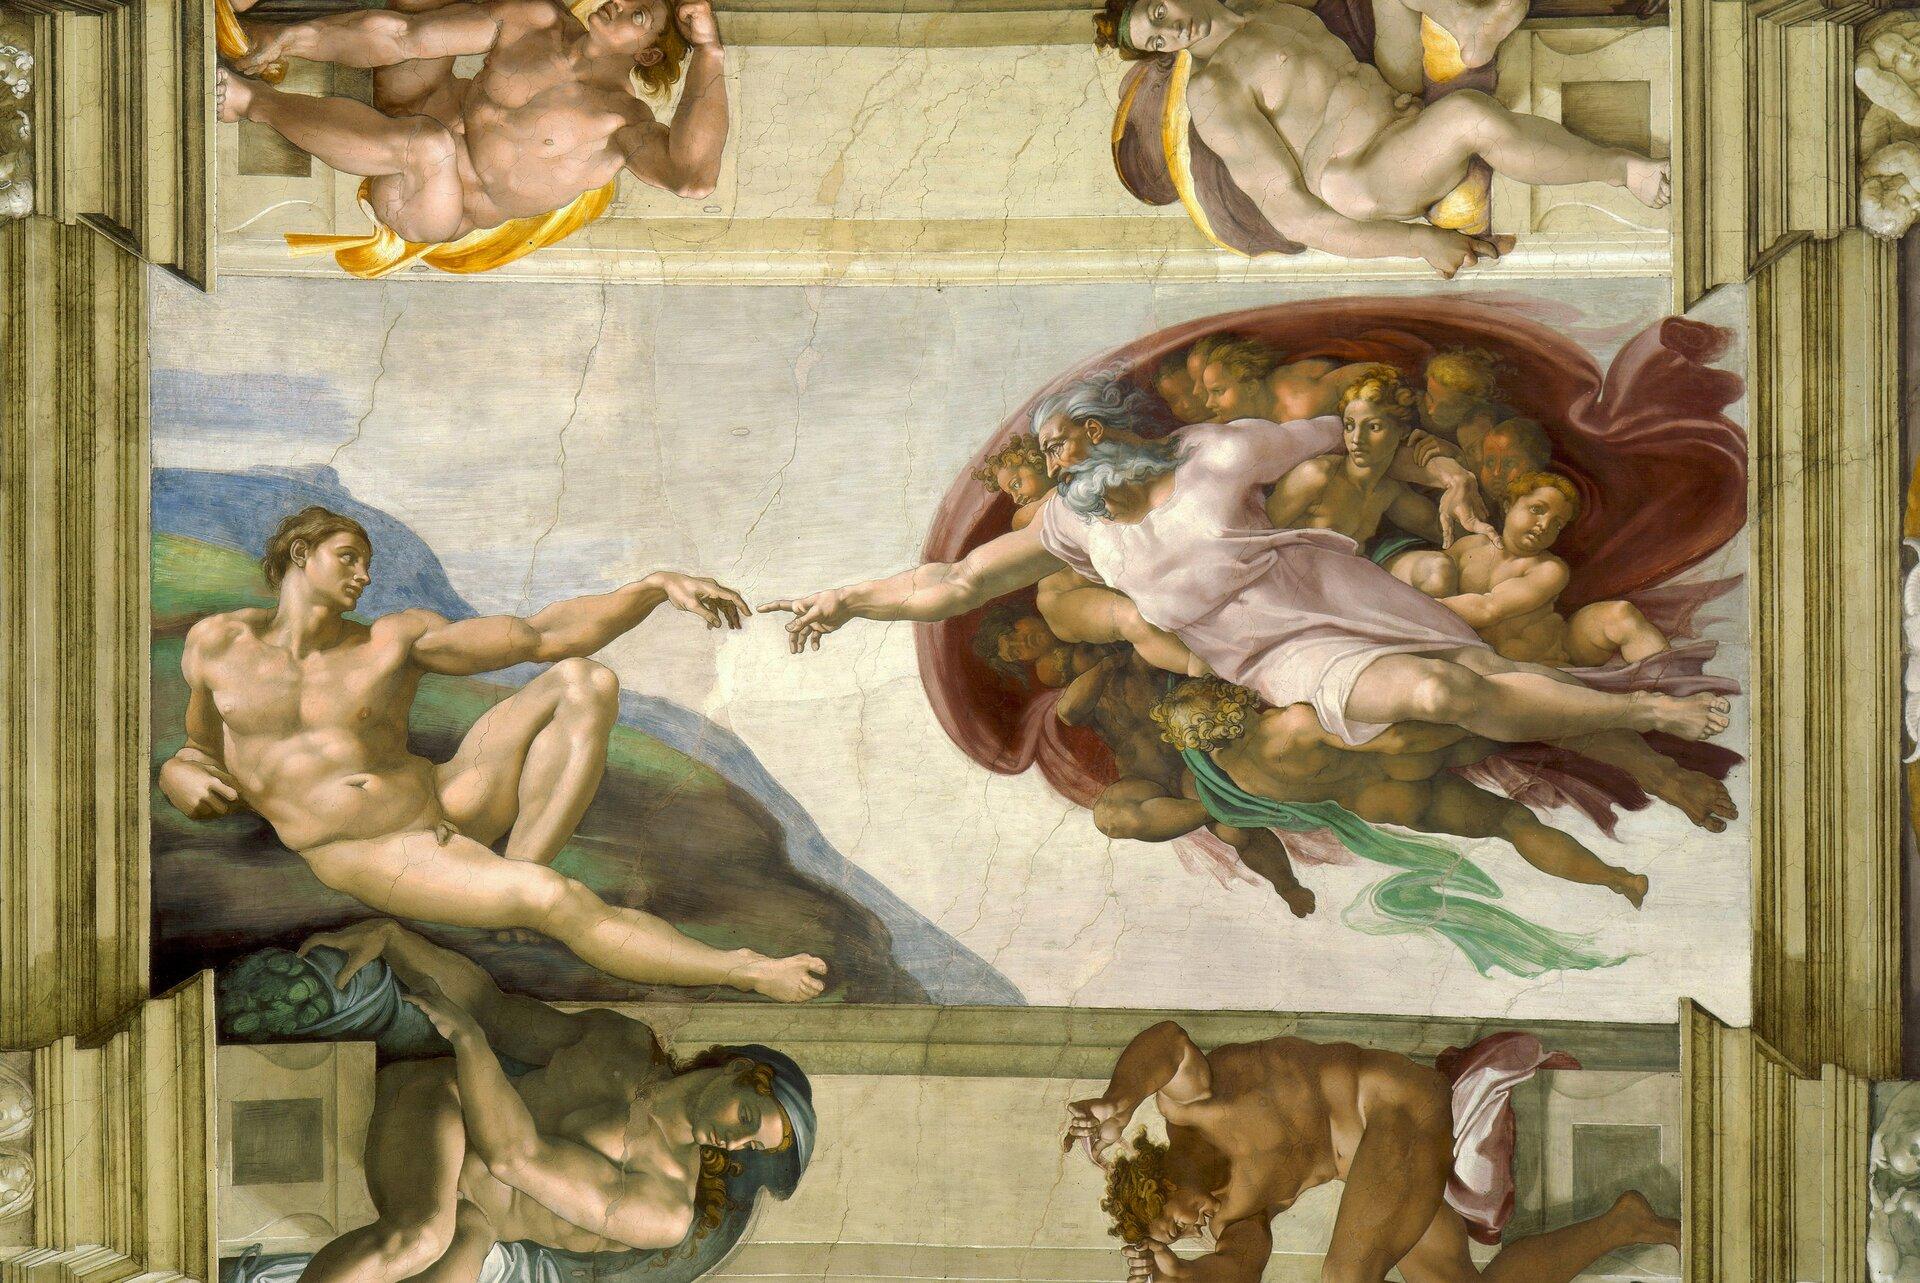 Na ziemi leży nagi mężczyzna iwyciąga lewą rękę opartą na lewym kolanie wstronę siwego, brodatego mężczyzny unoszącego się wpowietrzu, otoczonego dziećmi, które się do niego tulą. Siwowłosy mężczyzna wyciąga do leżącego prawą rękę zwystawionym palcem ipatrzy mu woczy.